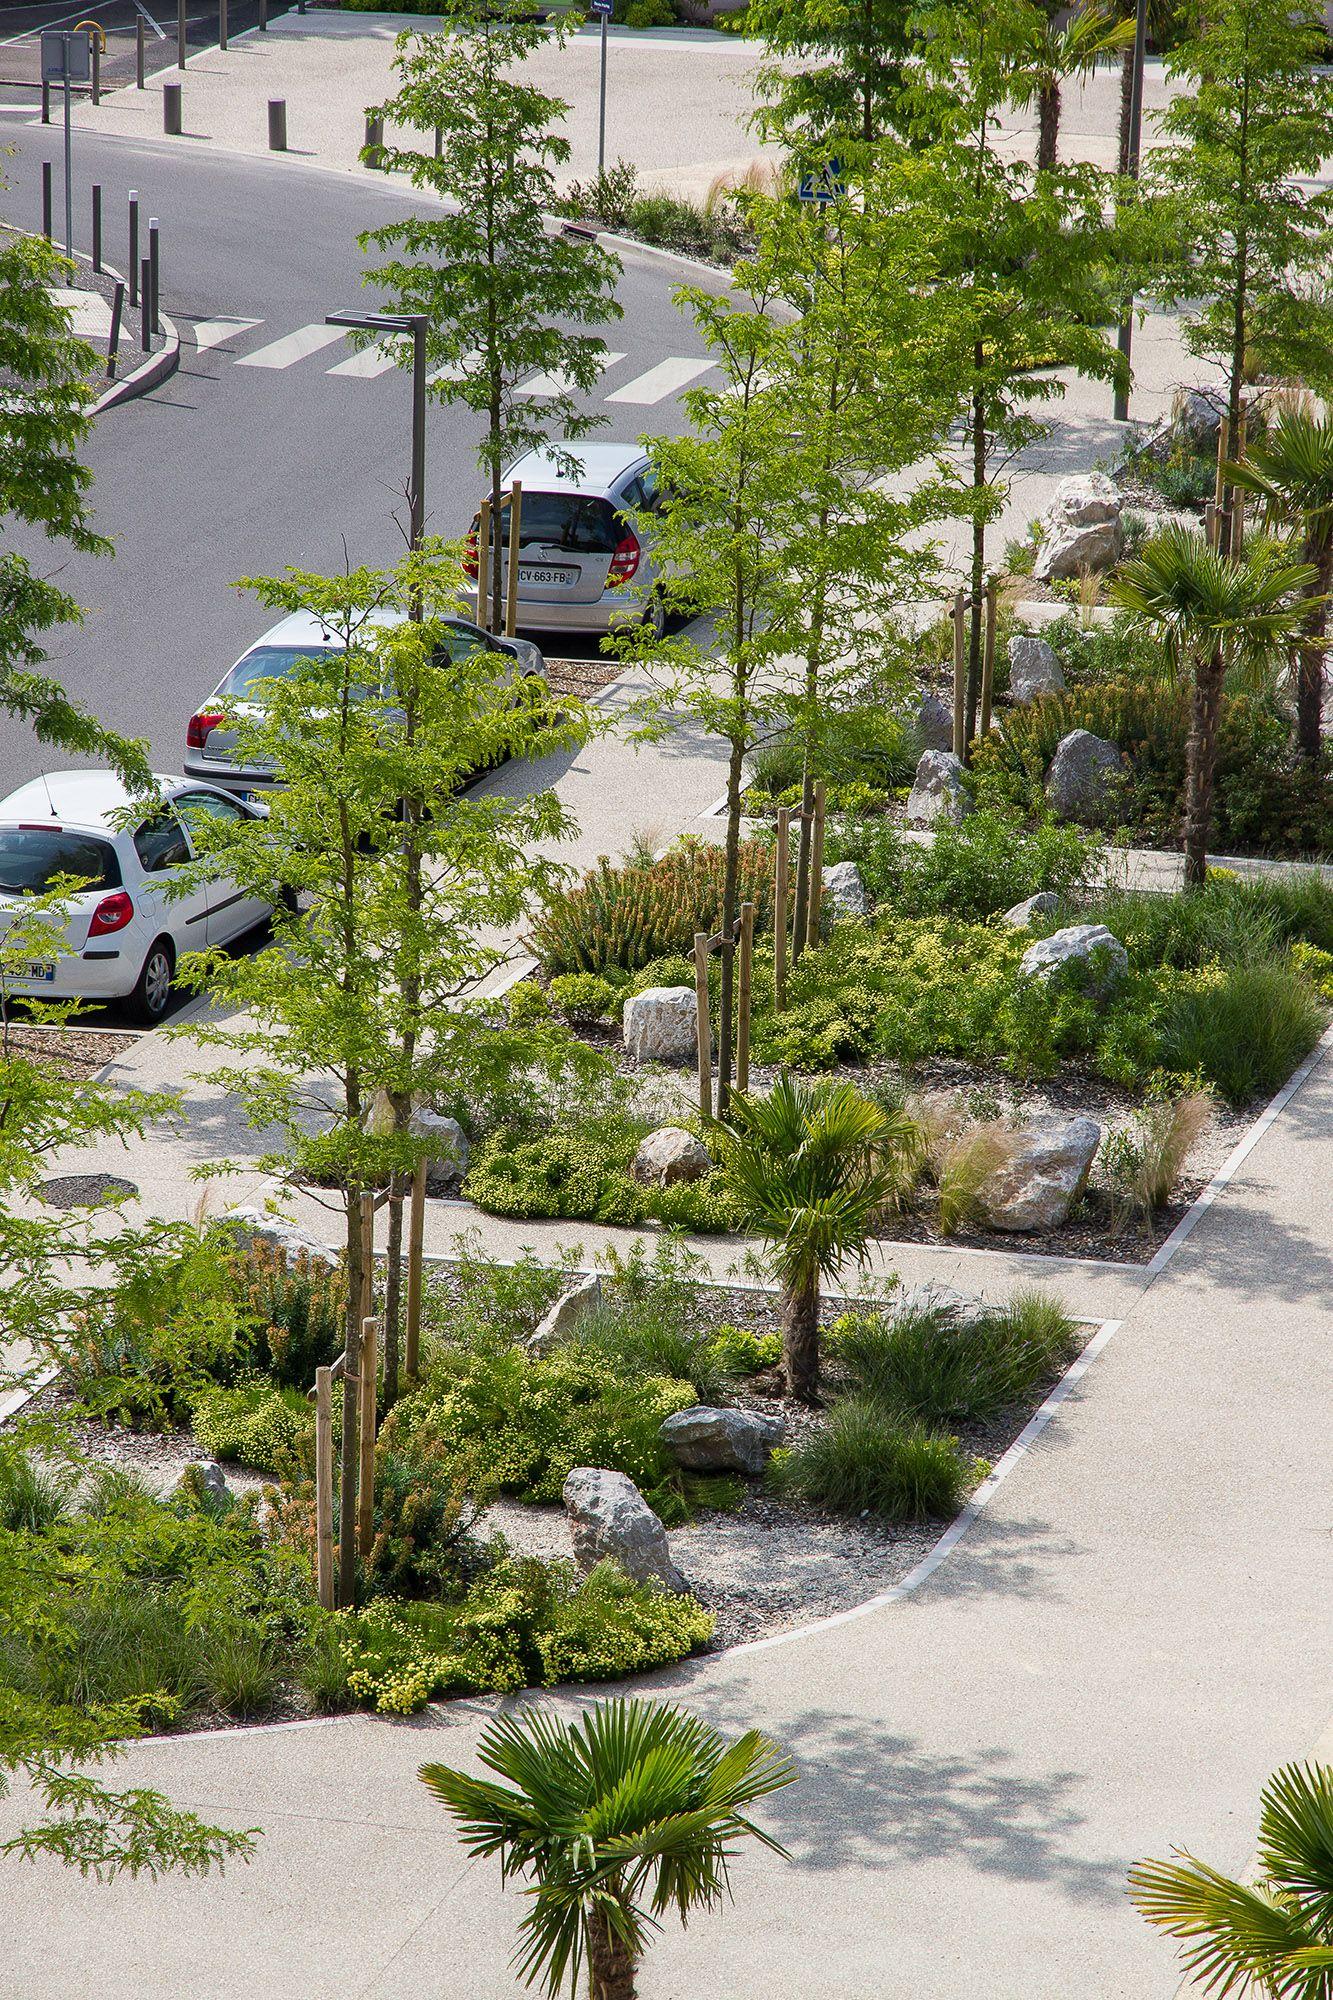 La place franco mauresque et ses jardins de rocaille for Paysagiste mantes la jolie